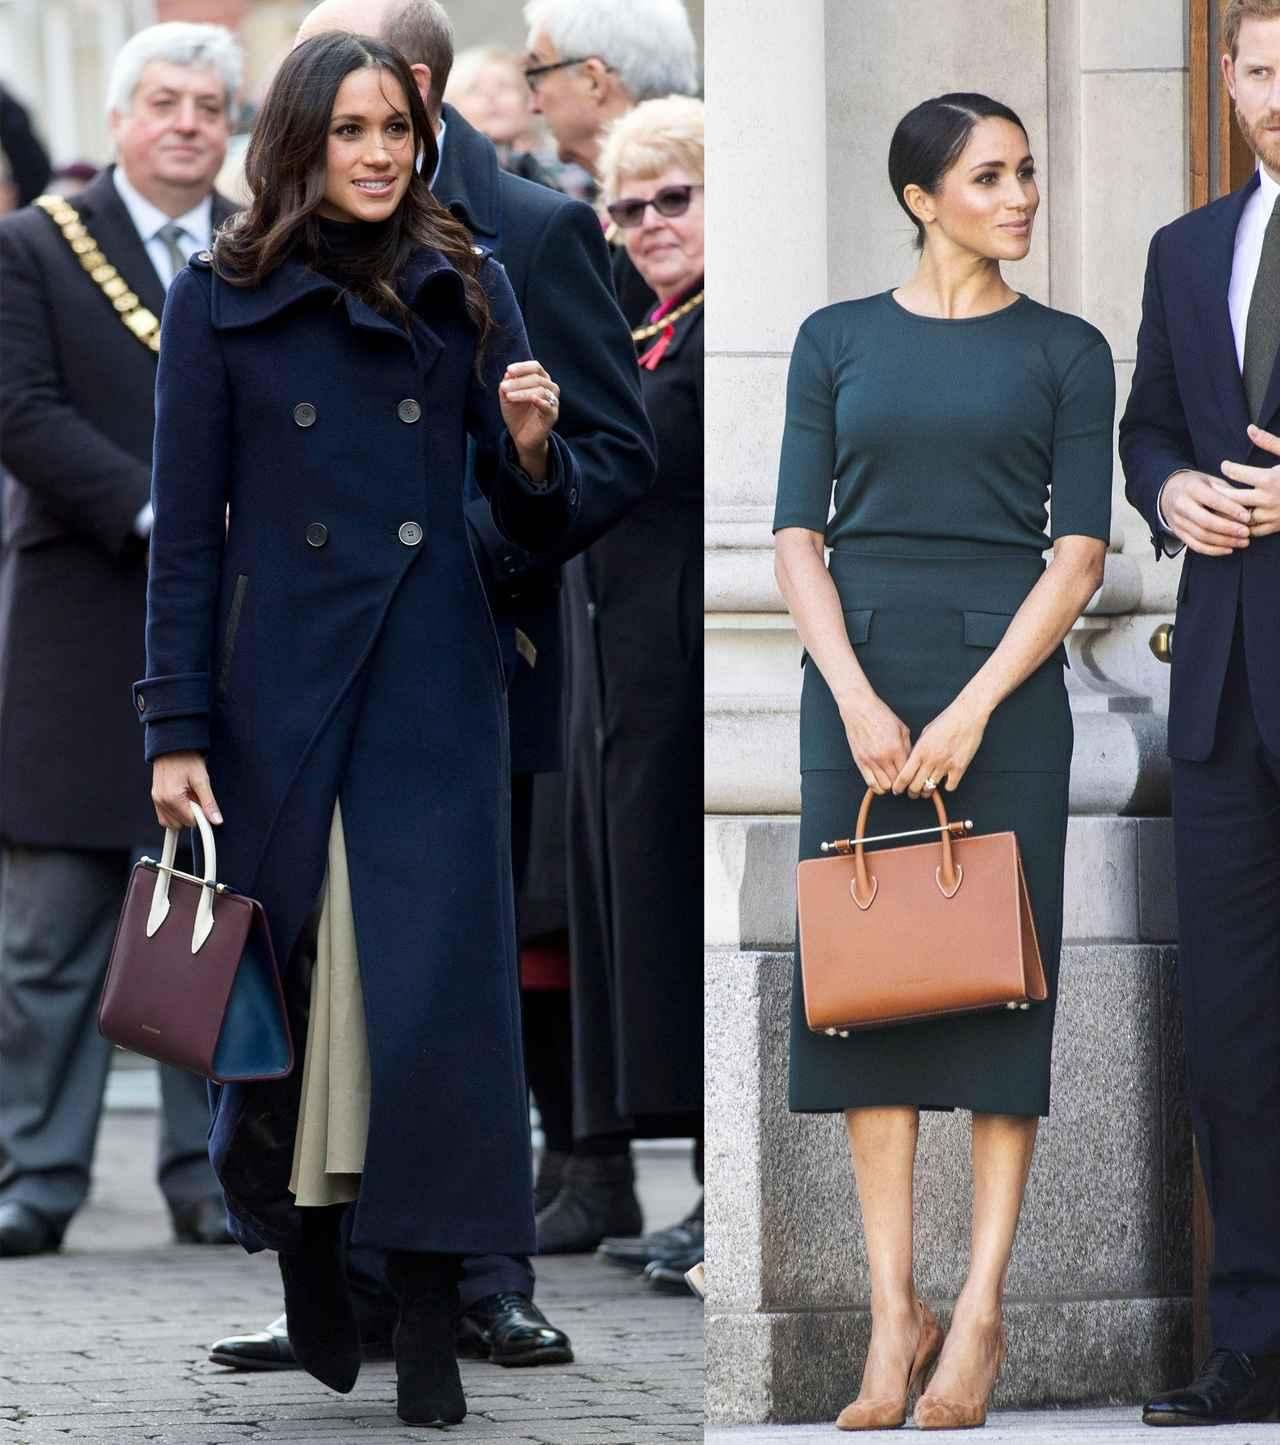 画像4 メーガン妃の愛用ブランド6選、完璧なロイヤル・ファッション